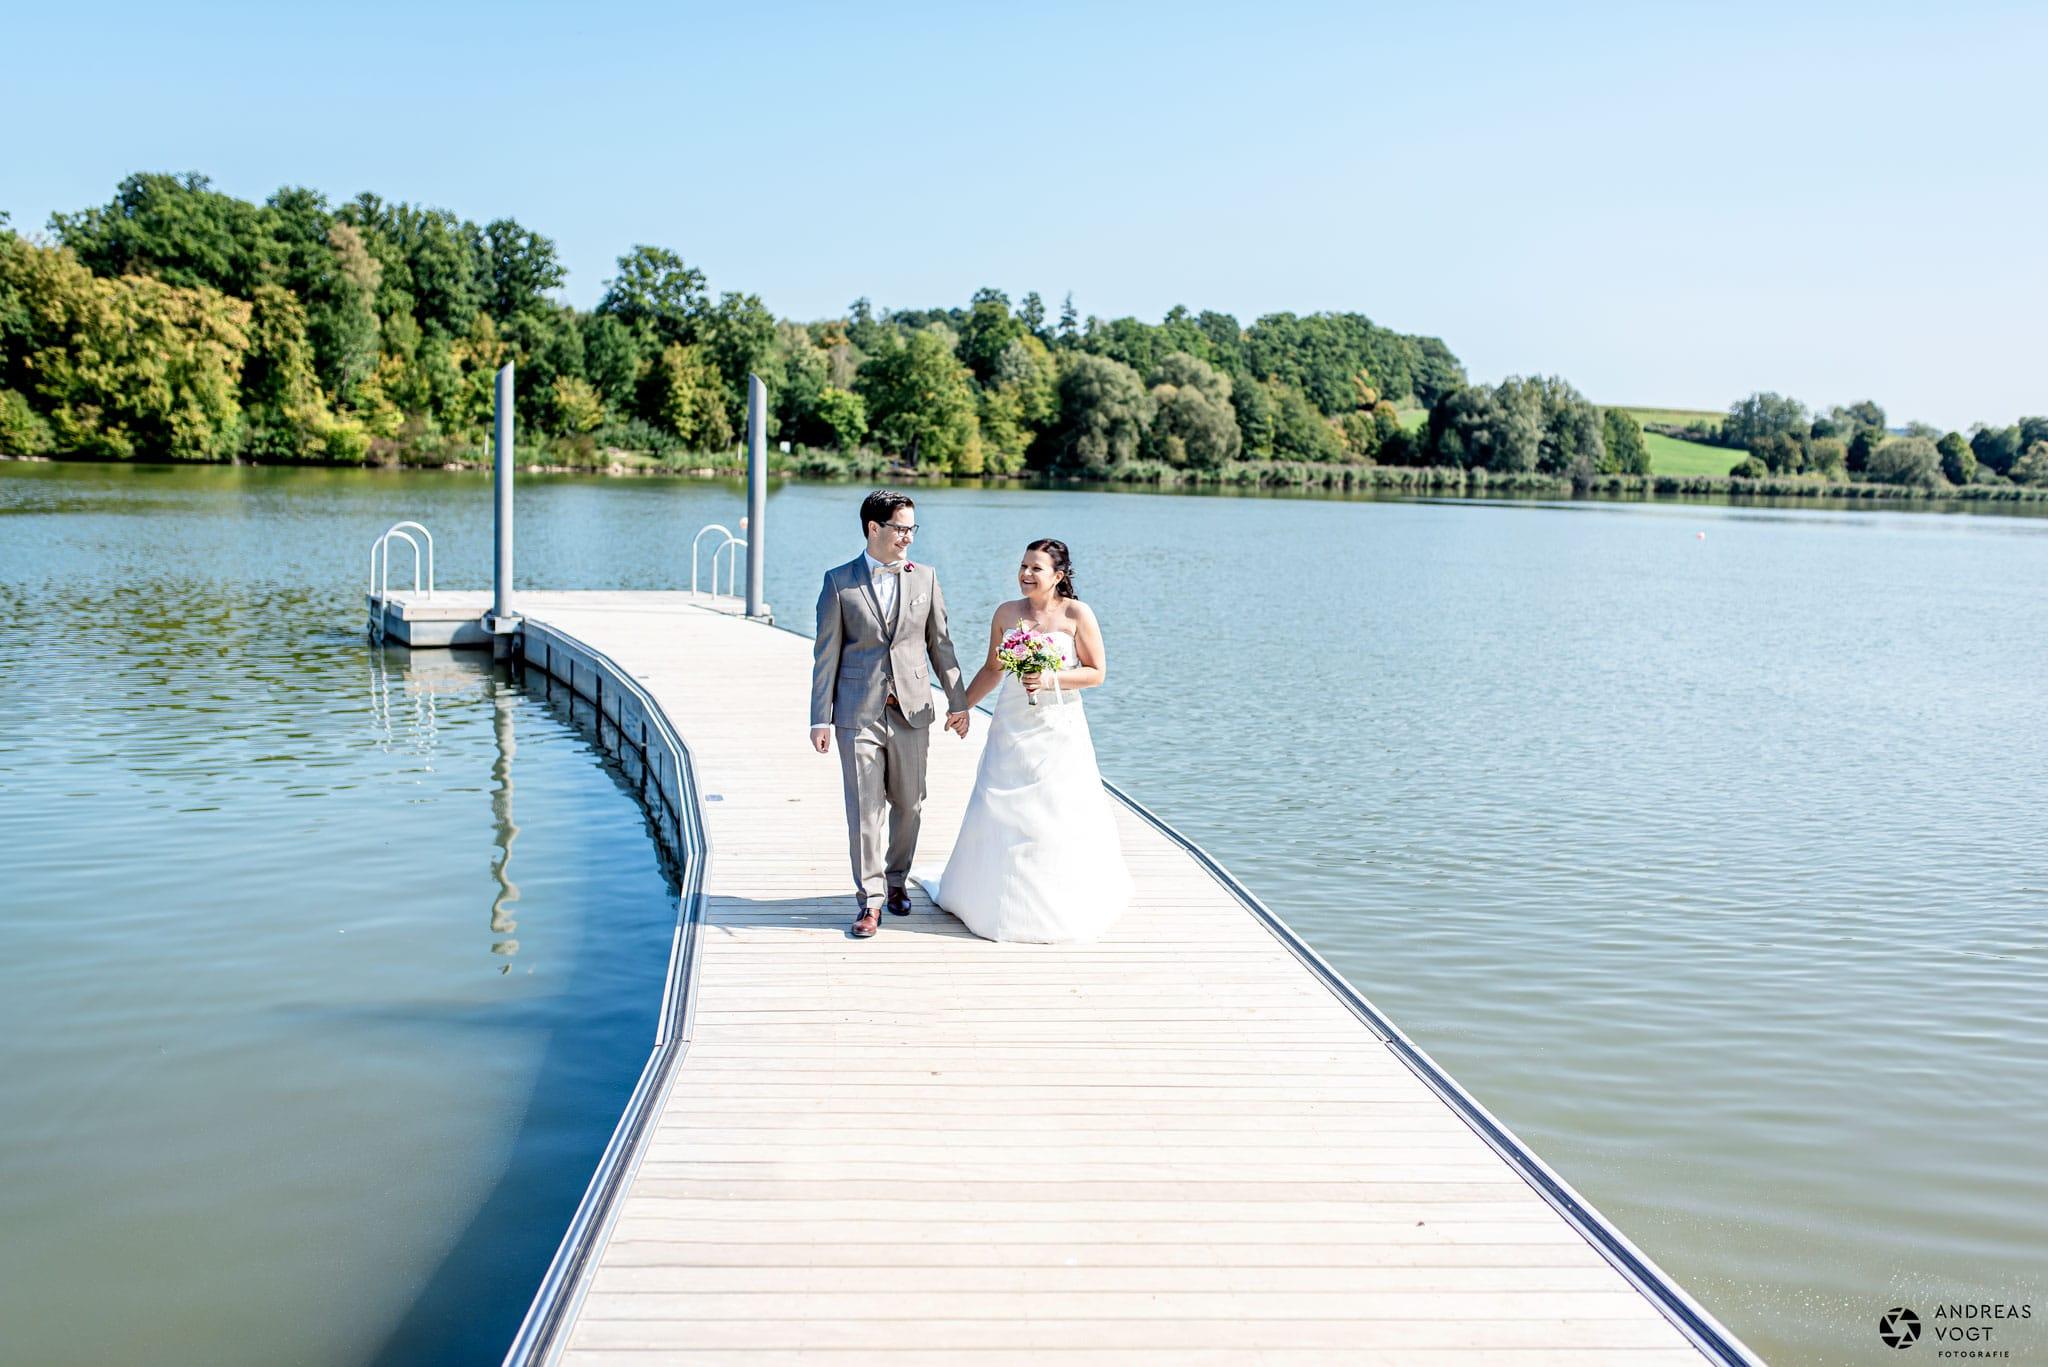 Hochzeitsblog Hochzeitsfotograf Andreas Vogt aus Aalen - Brautpaar am See